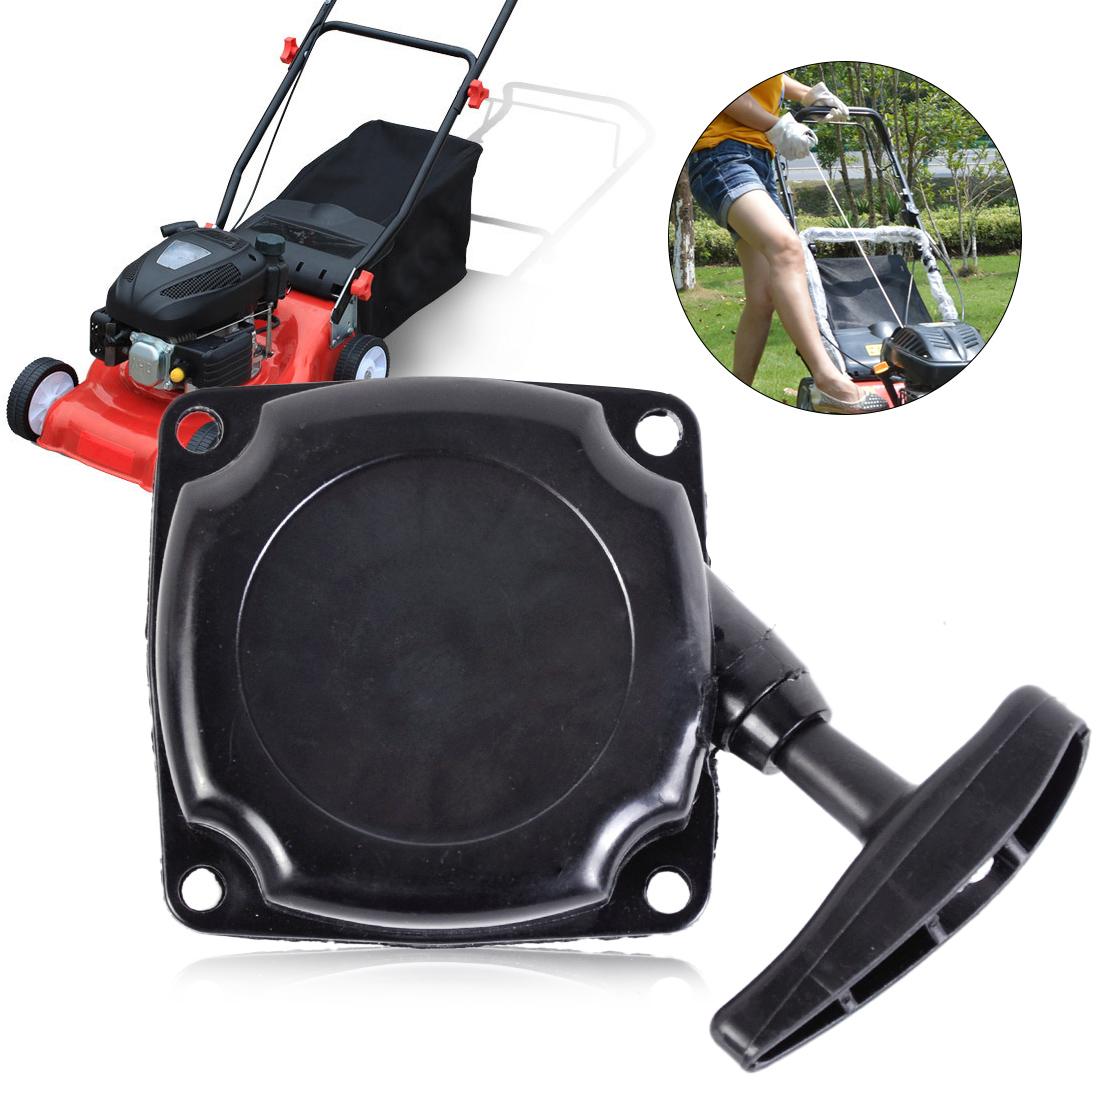 recoil pull start starter fit 49cc pocket bike gas scooter. Black Bedroom Furniture Sets. Home Design Ideas